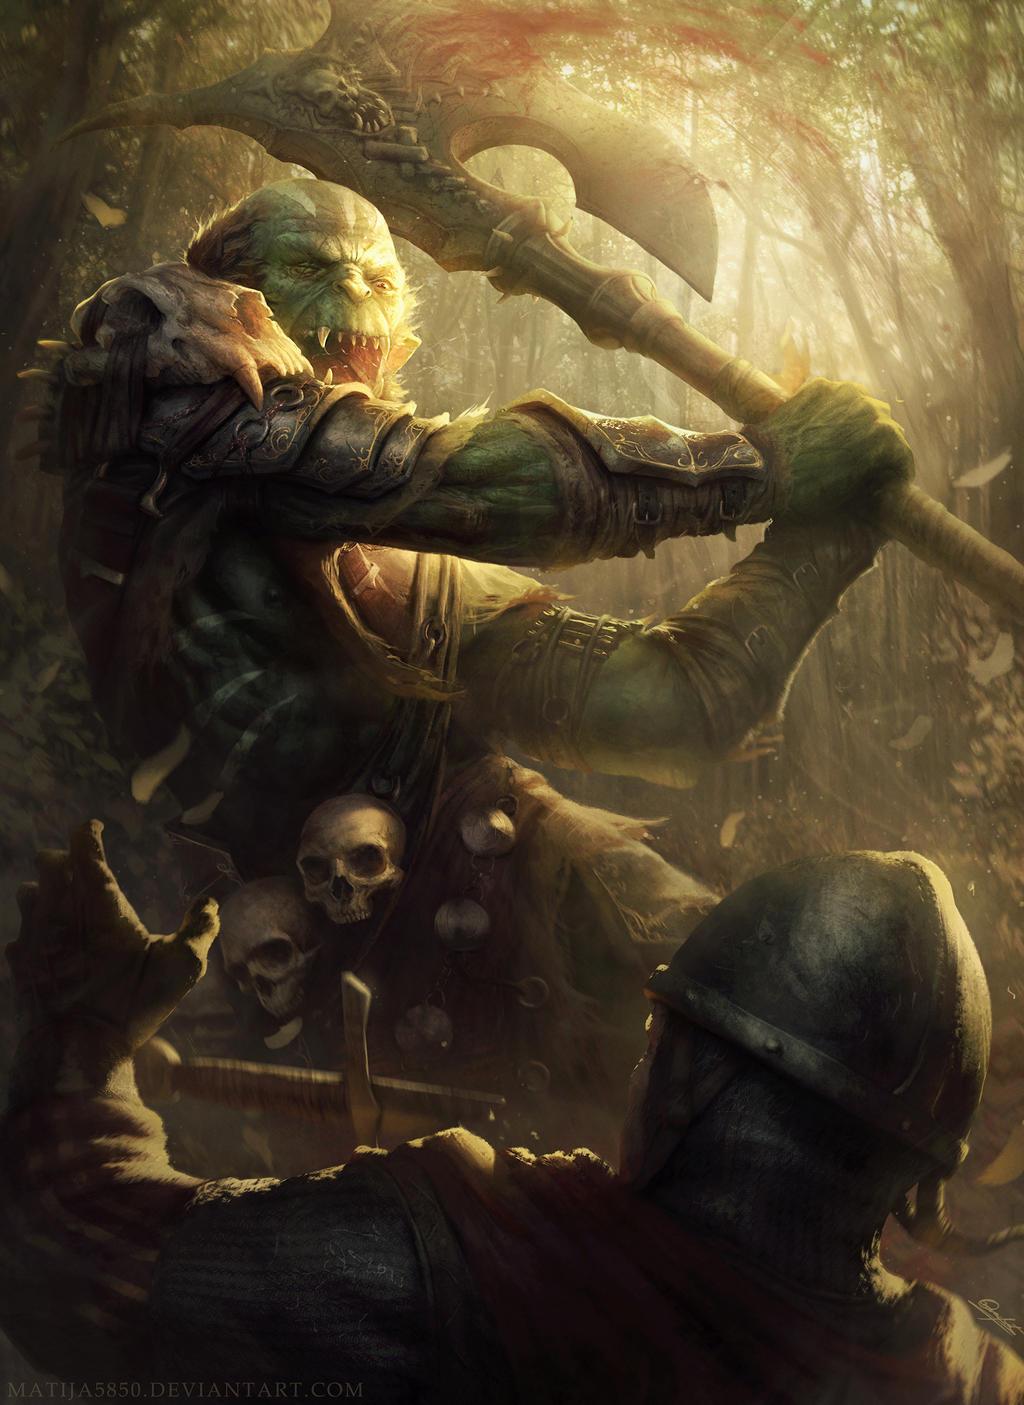 Orc warlord by Matija5850